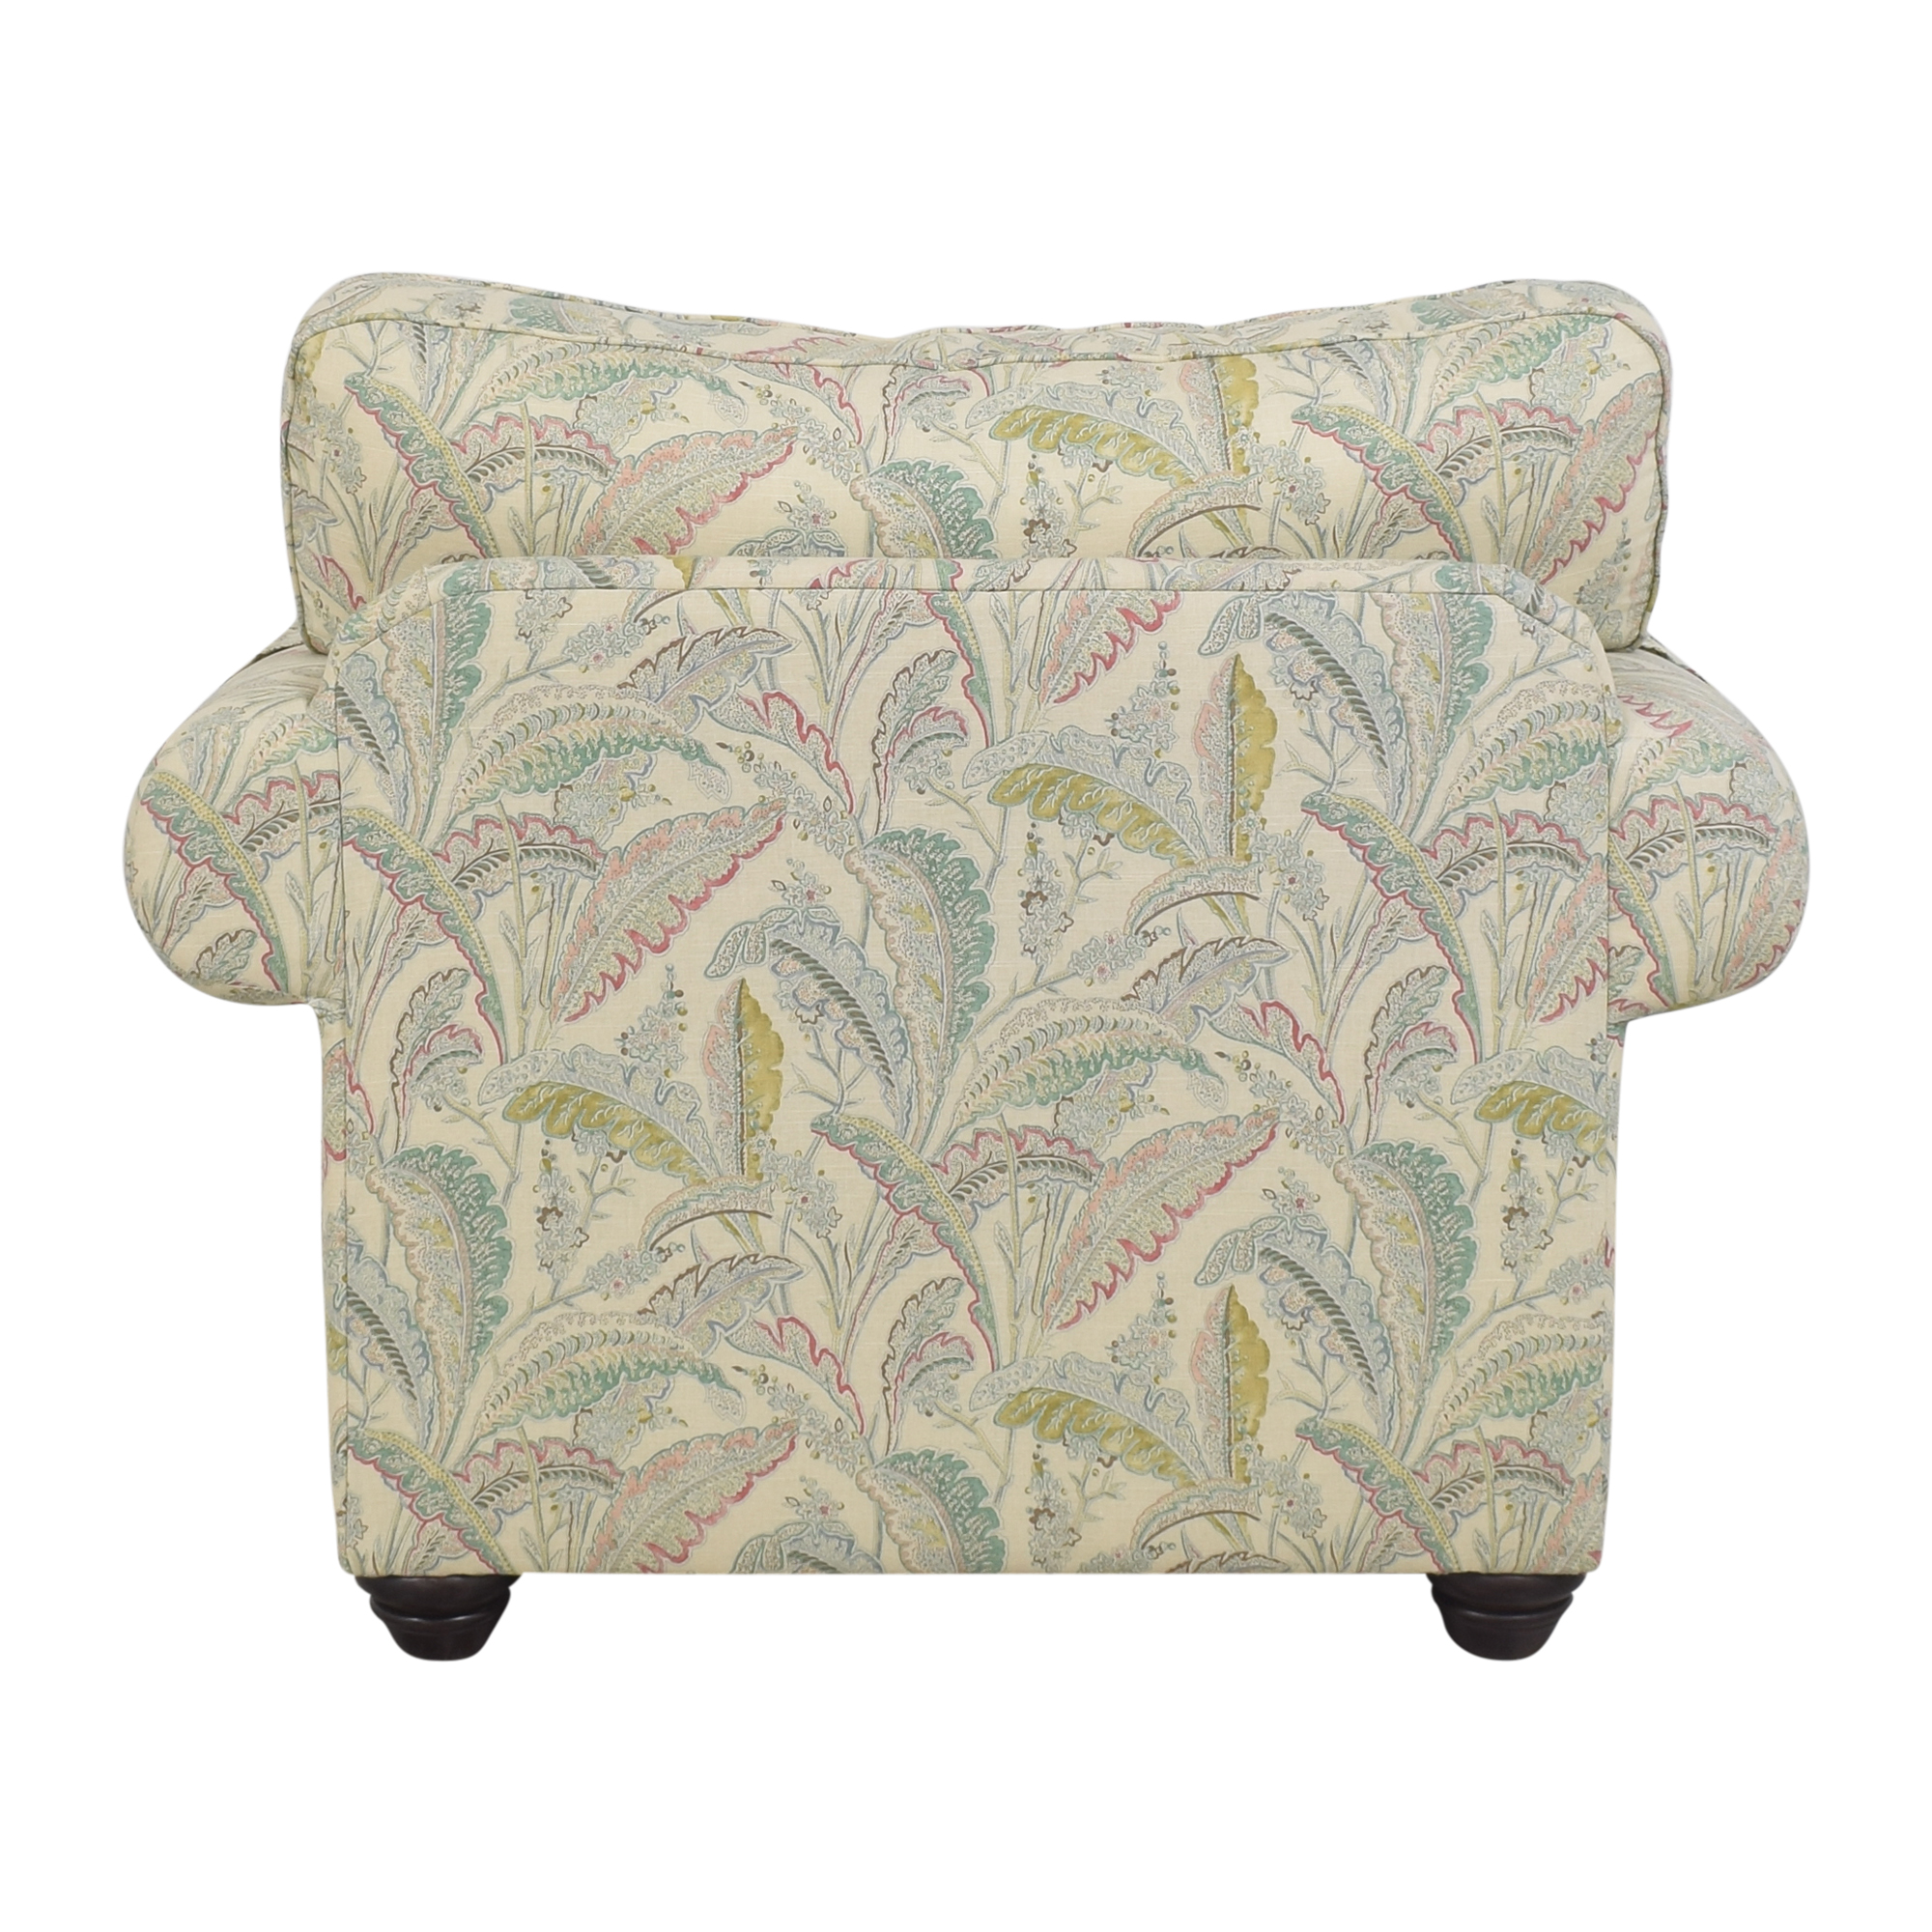 Bassett Furniture Bassett Furniture Custom Upholstered Arm Chair on sale